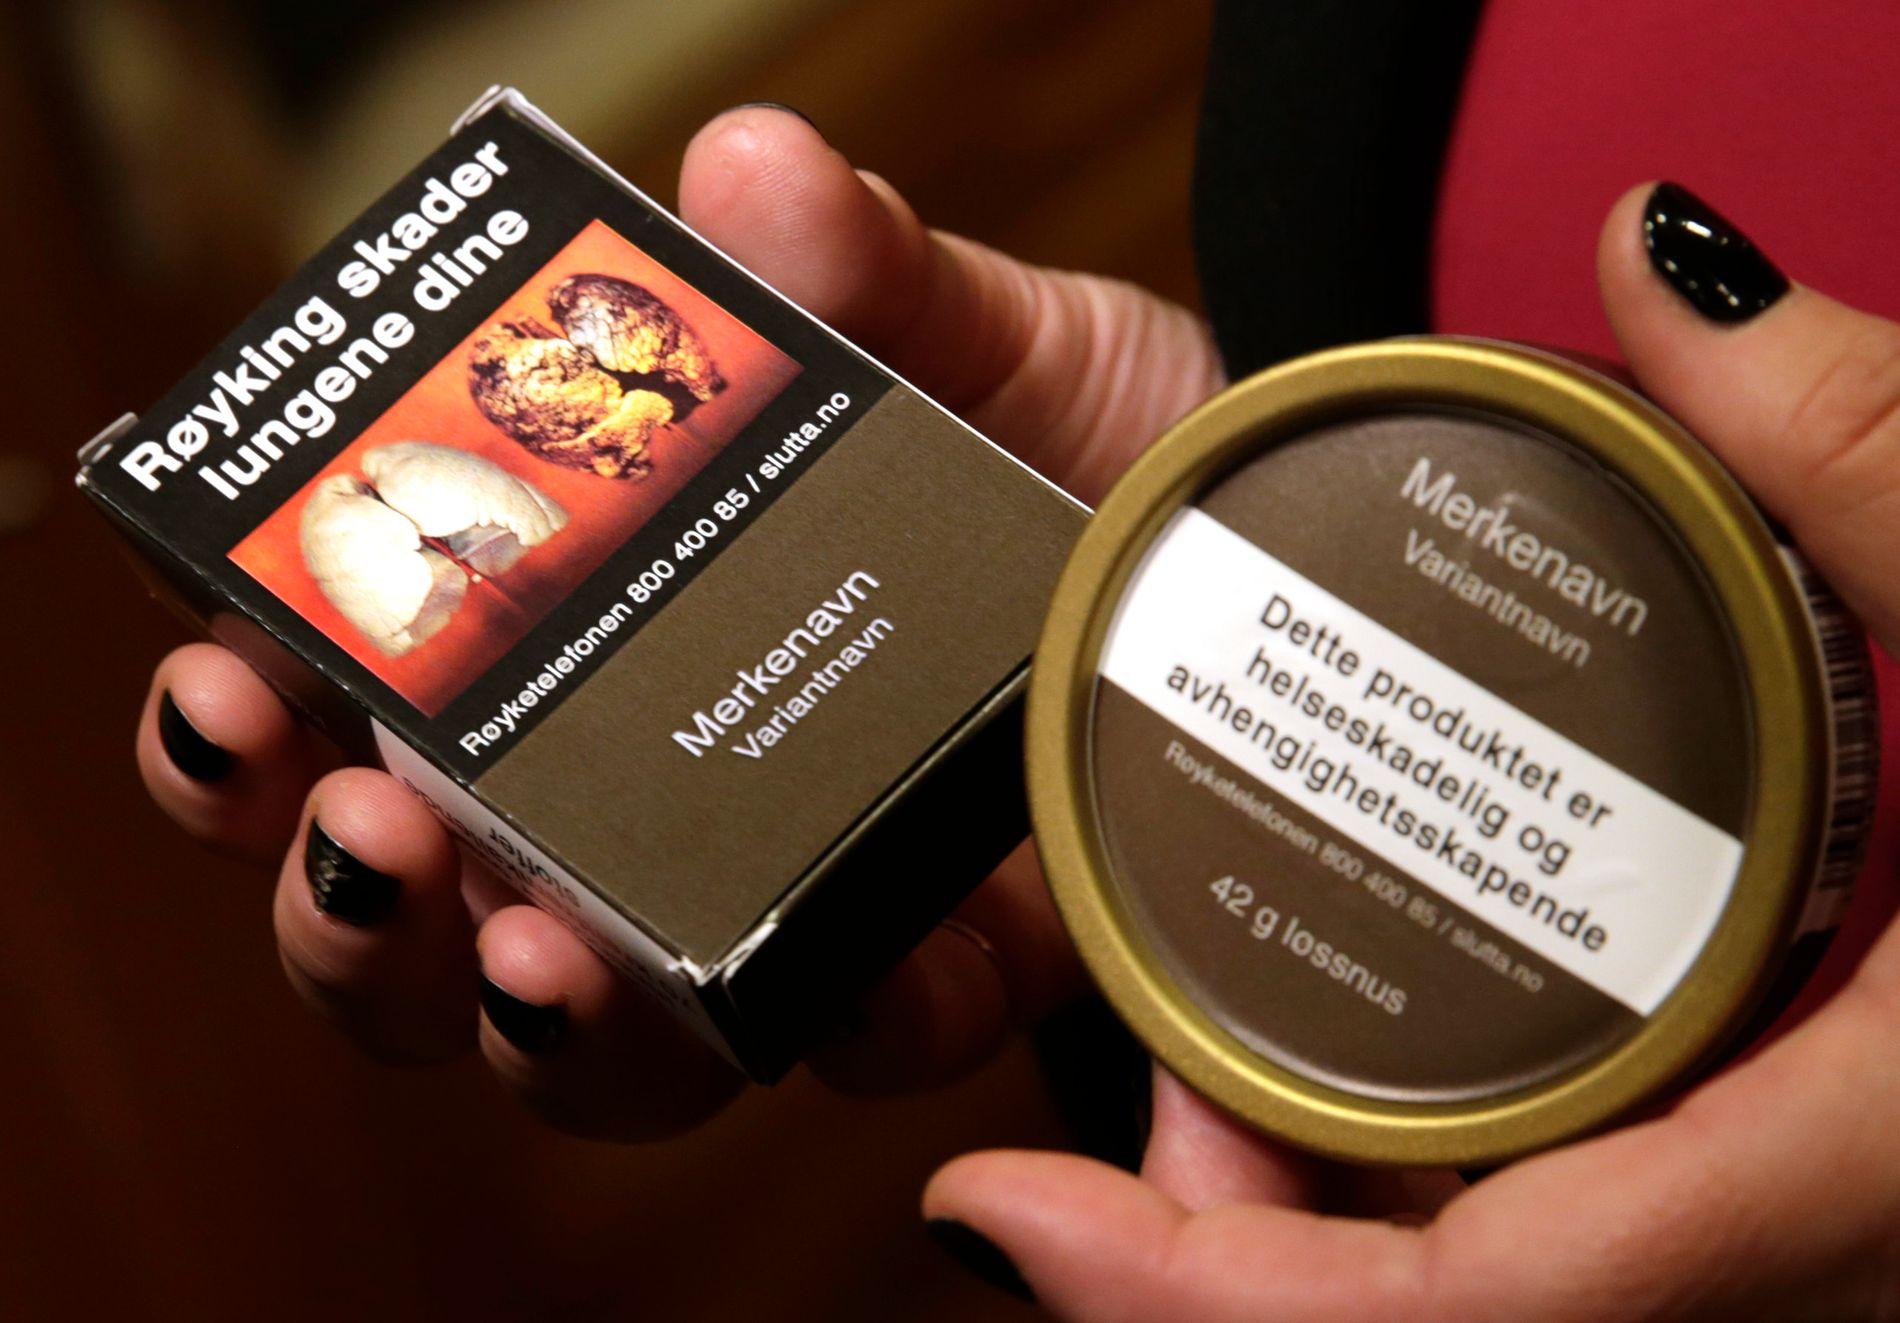 KLAR BESKJED: Klimasyndere bør advares på samme måte som røykere, mener innsenderen.